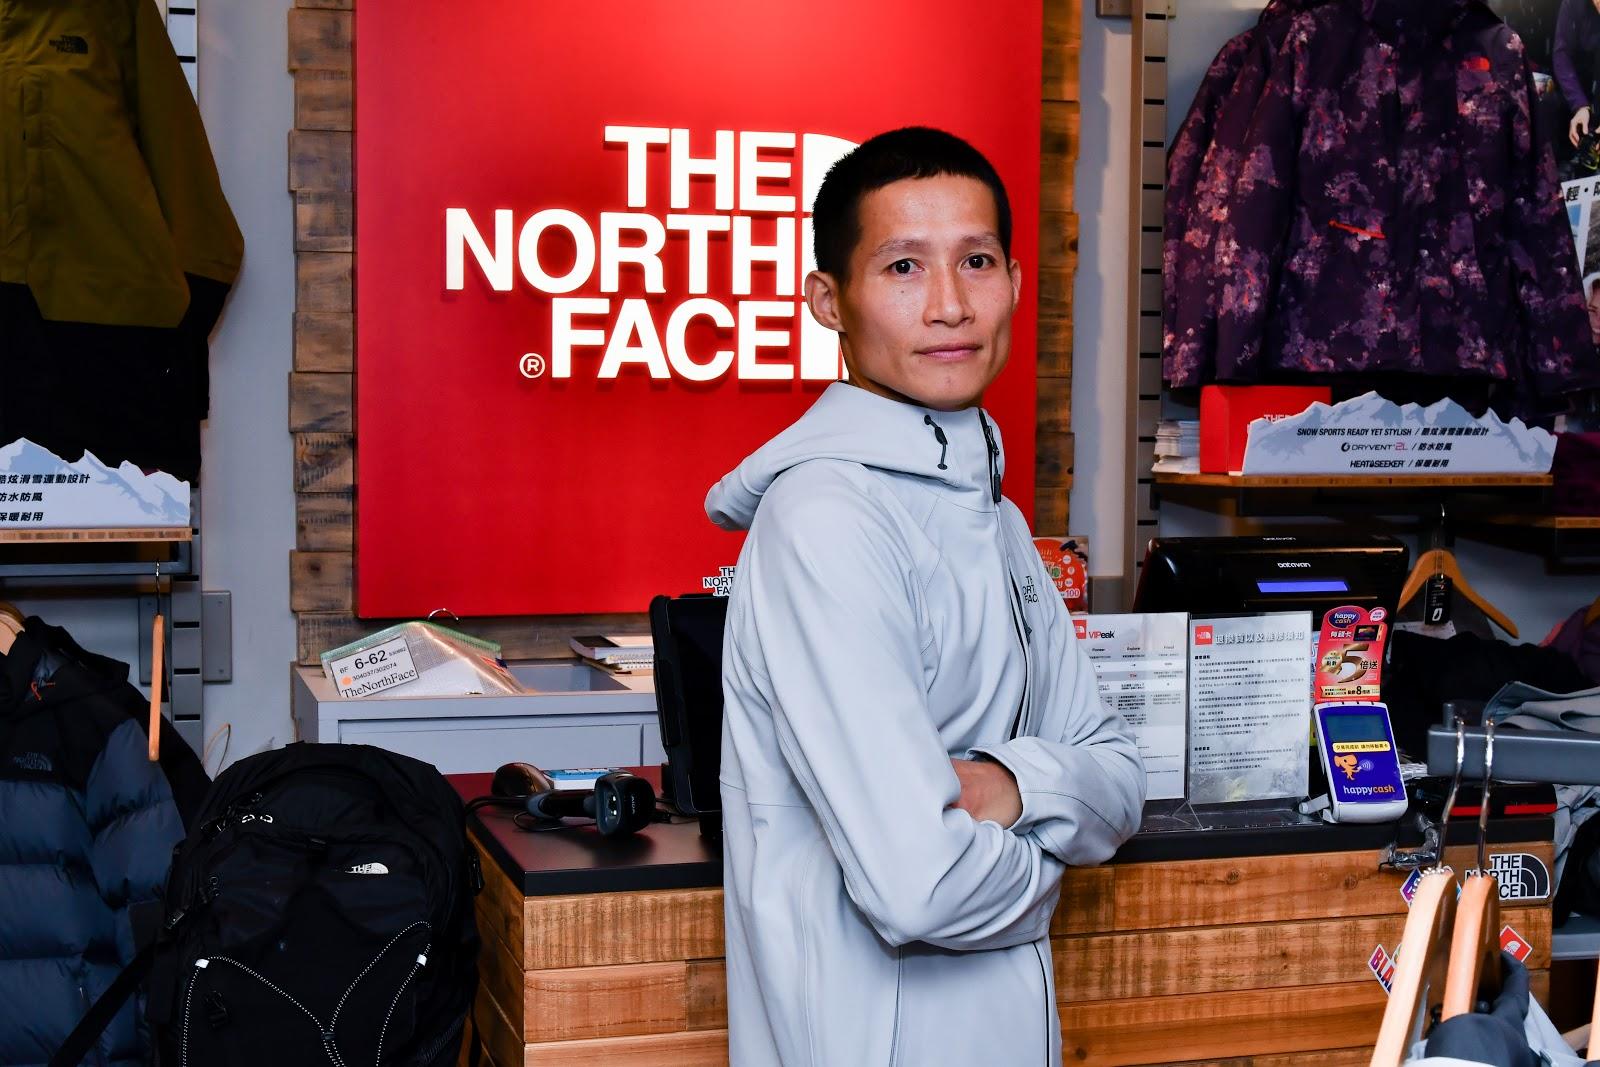 【焦點人物】越野跑界的巨匠 台灣越野王劉治昀